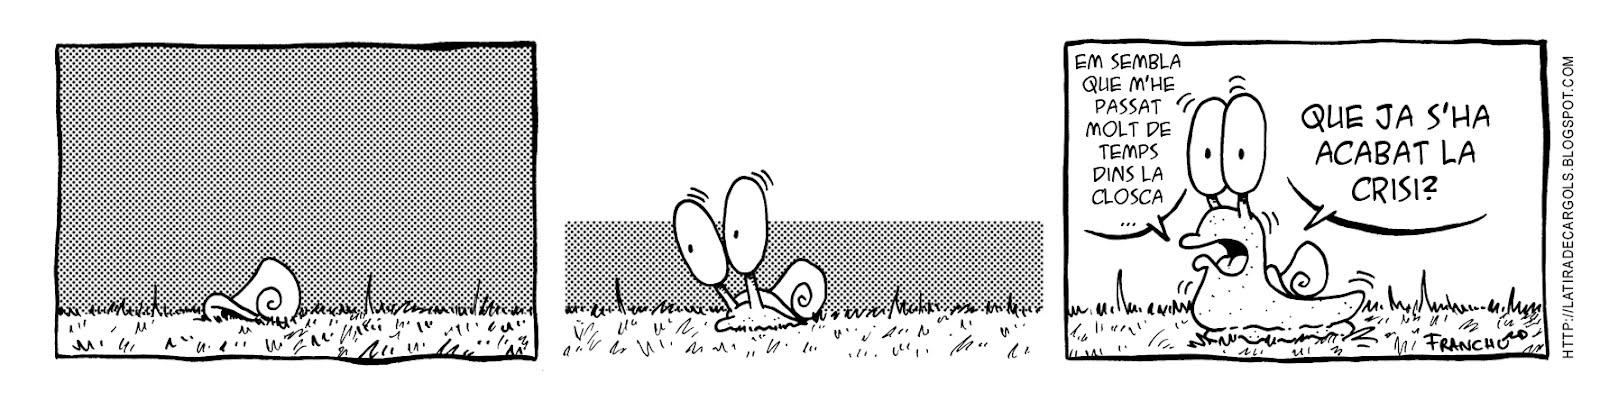 Tira comica 137 del webcomic Cargols del dibuixant Franchu de Barcelona